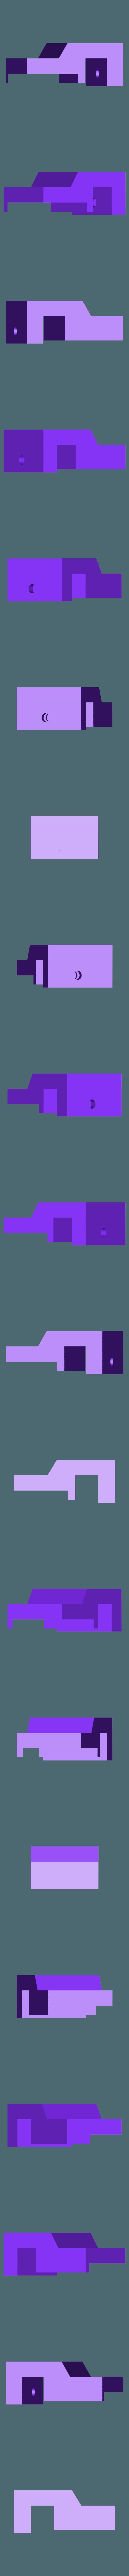 micro_probe_v1.stl Télécharger fichier STL gratuit Sondes amovibles de nivellement de lit pour Kossel Linéaire Anycubique • Plan pour imprimante 3D, peaberry